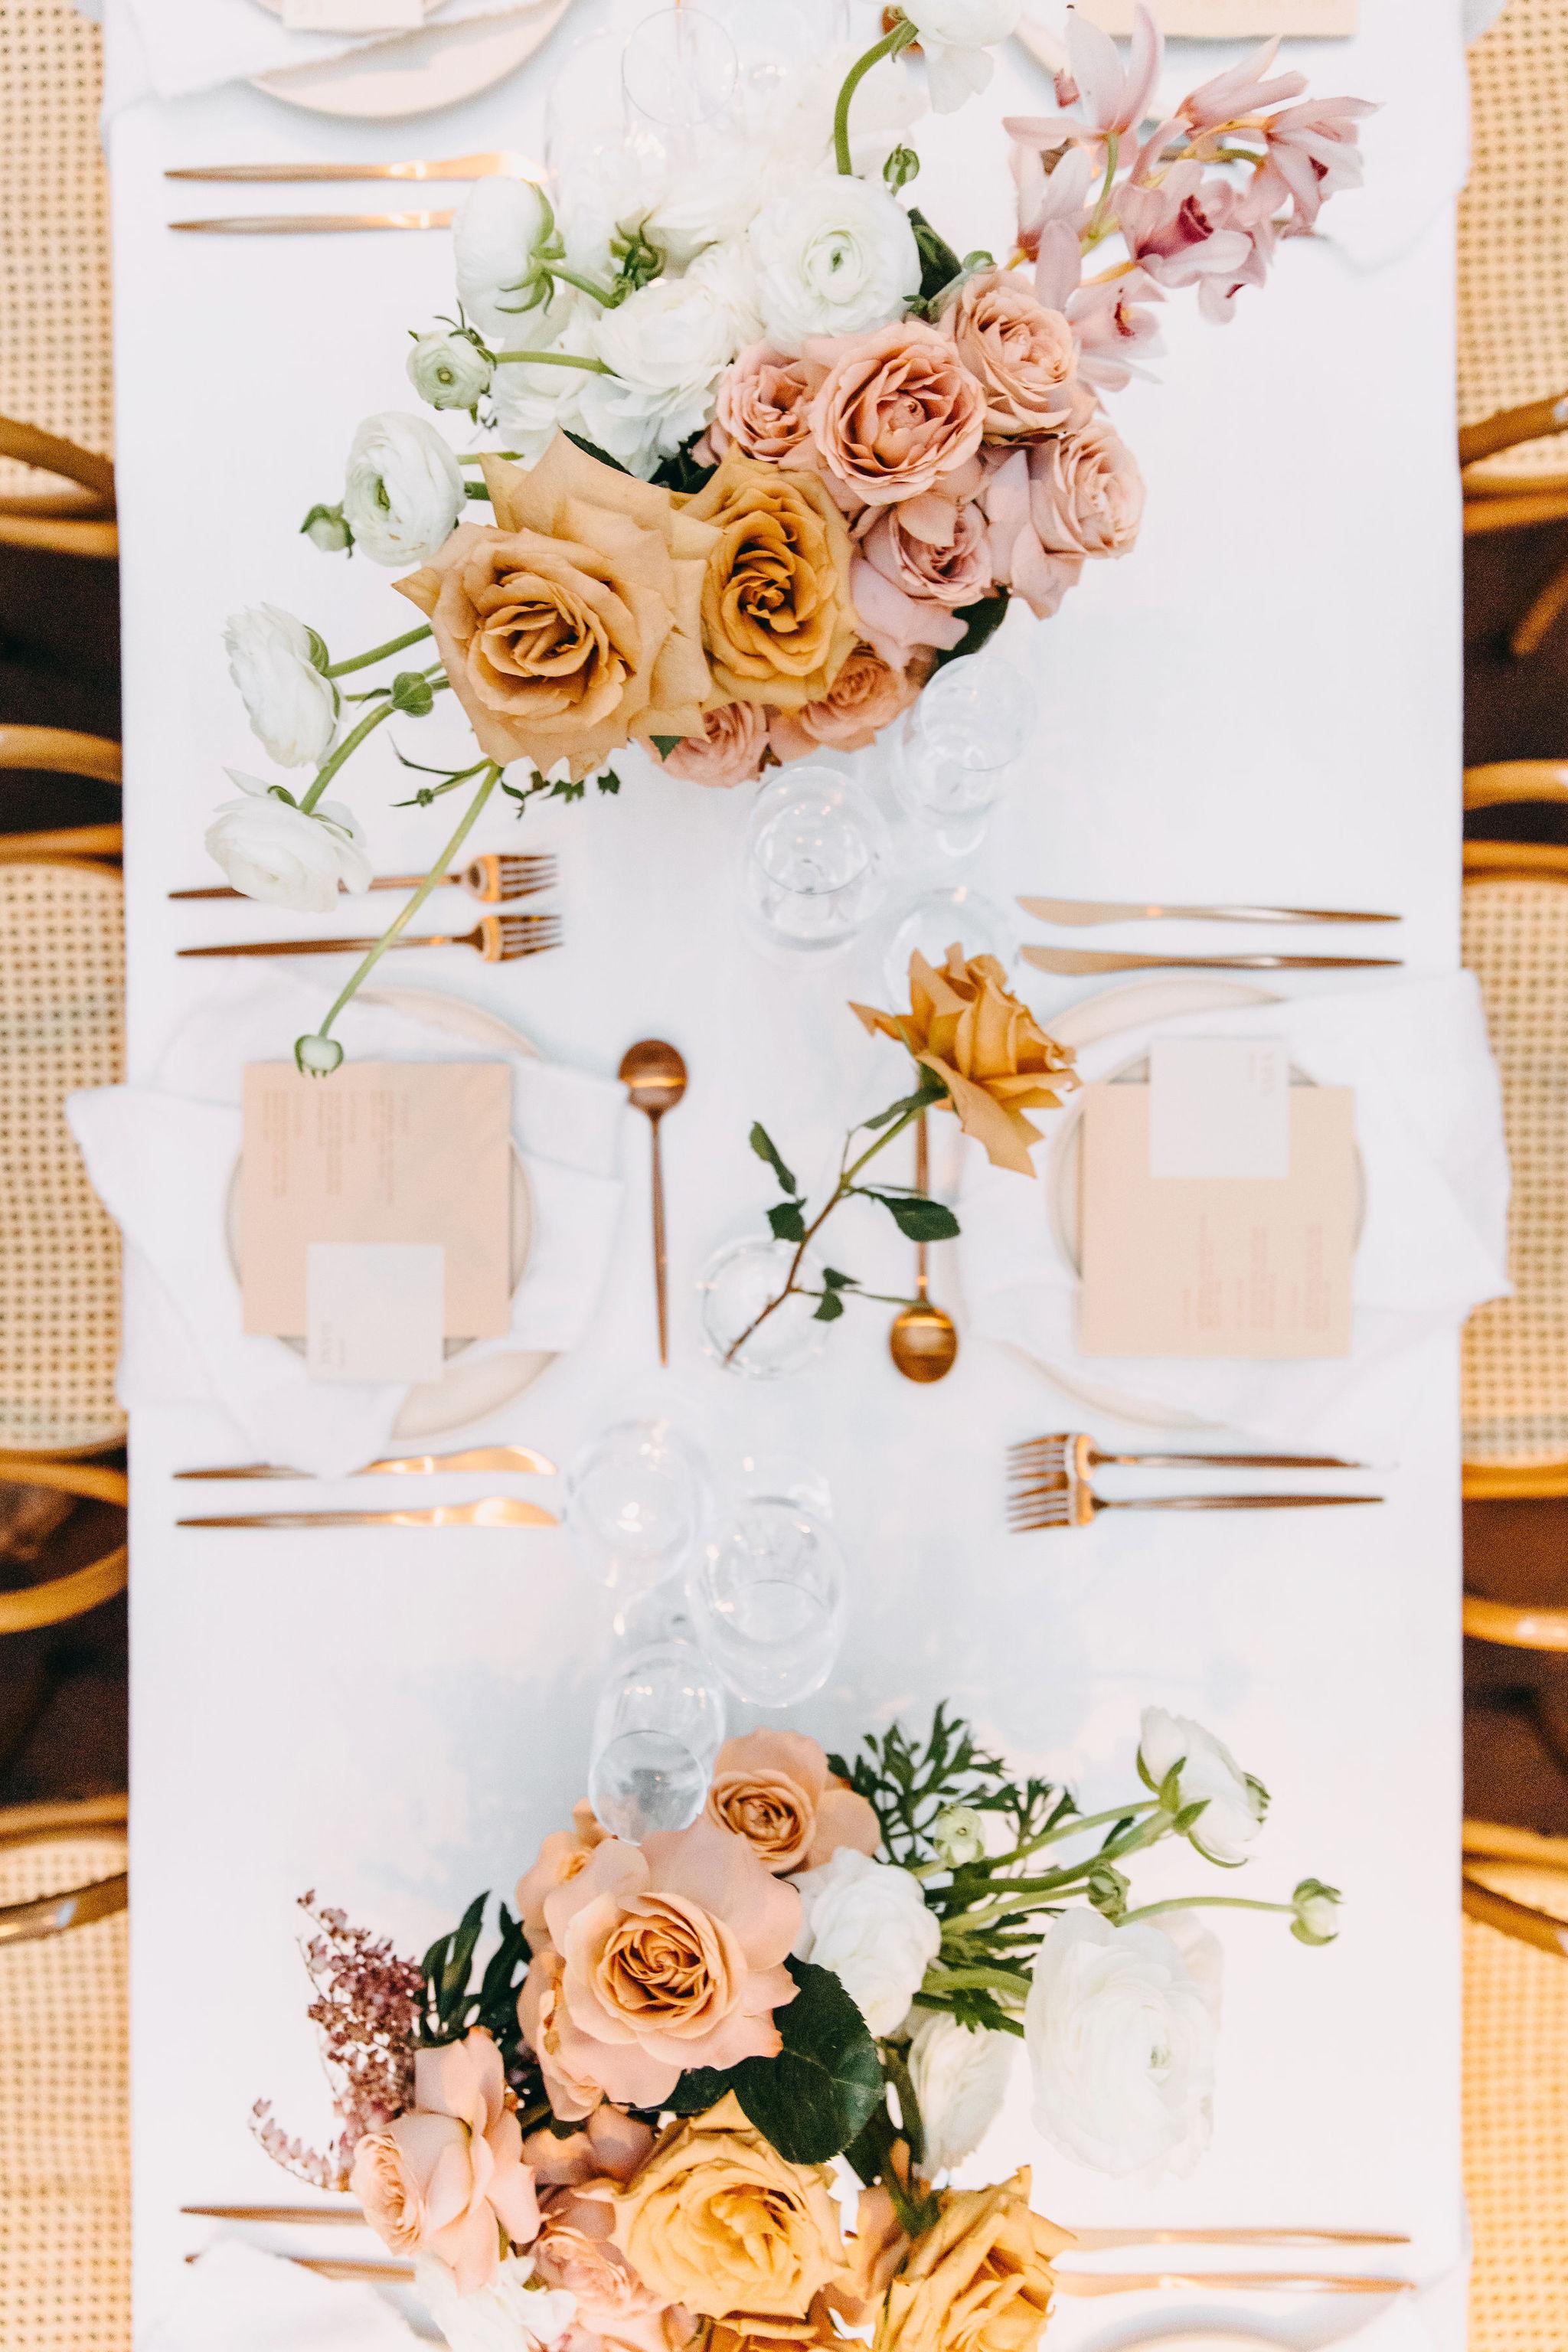 WEDDINGOPENDAY-STATEBUILDINGS-25AUG2019-169